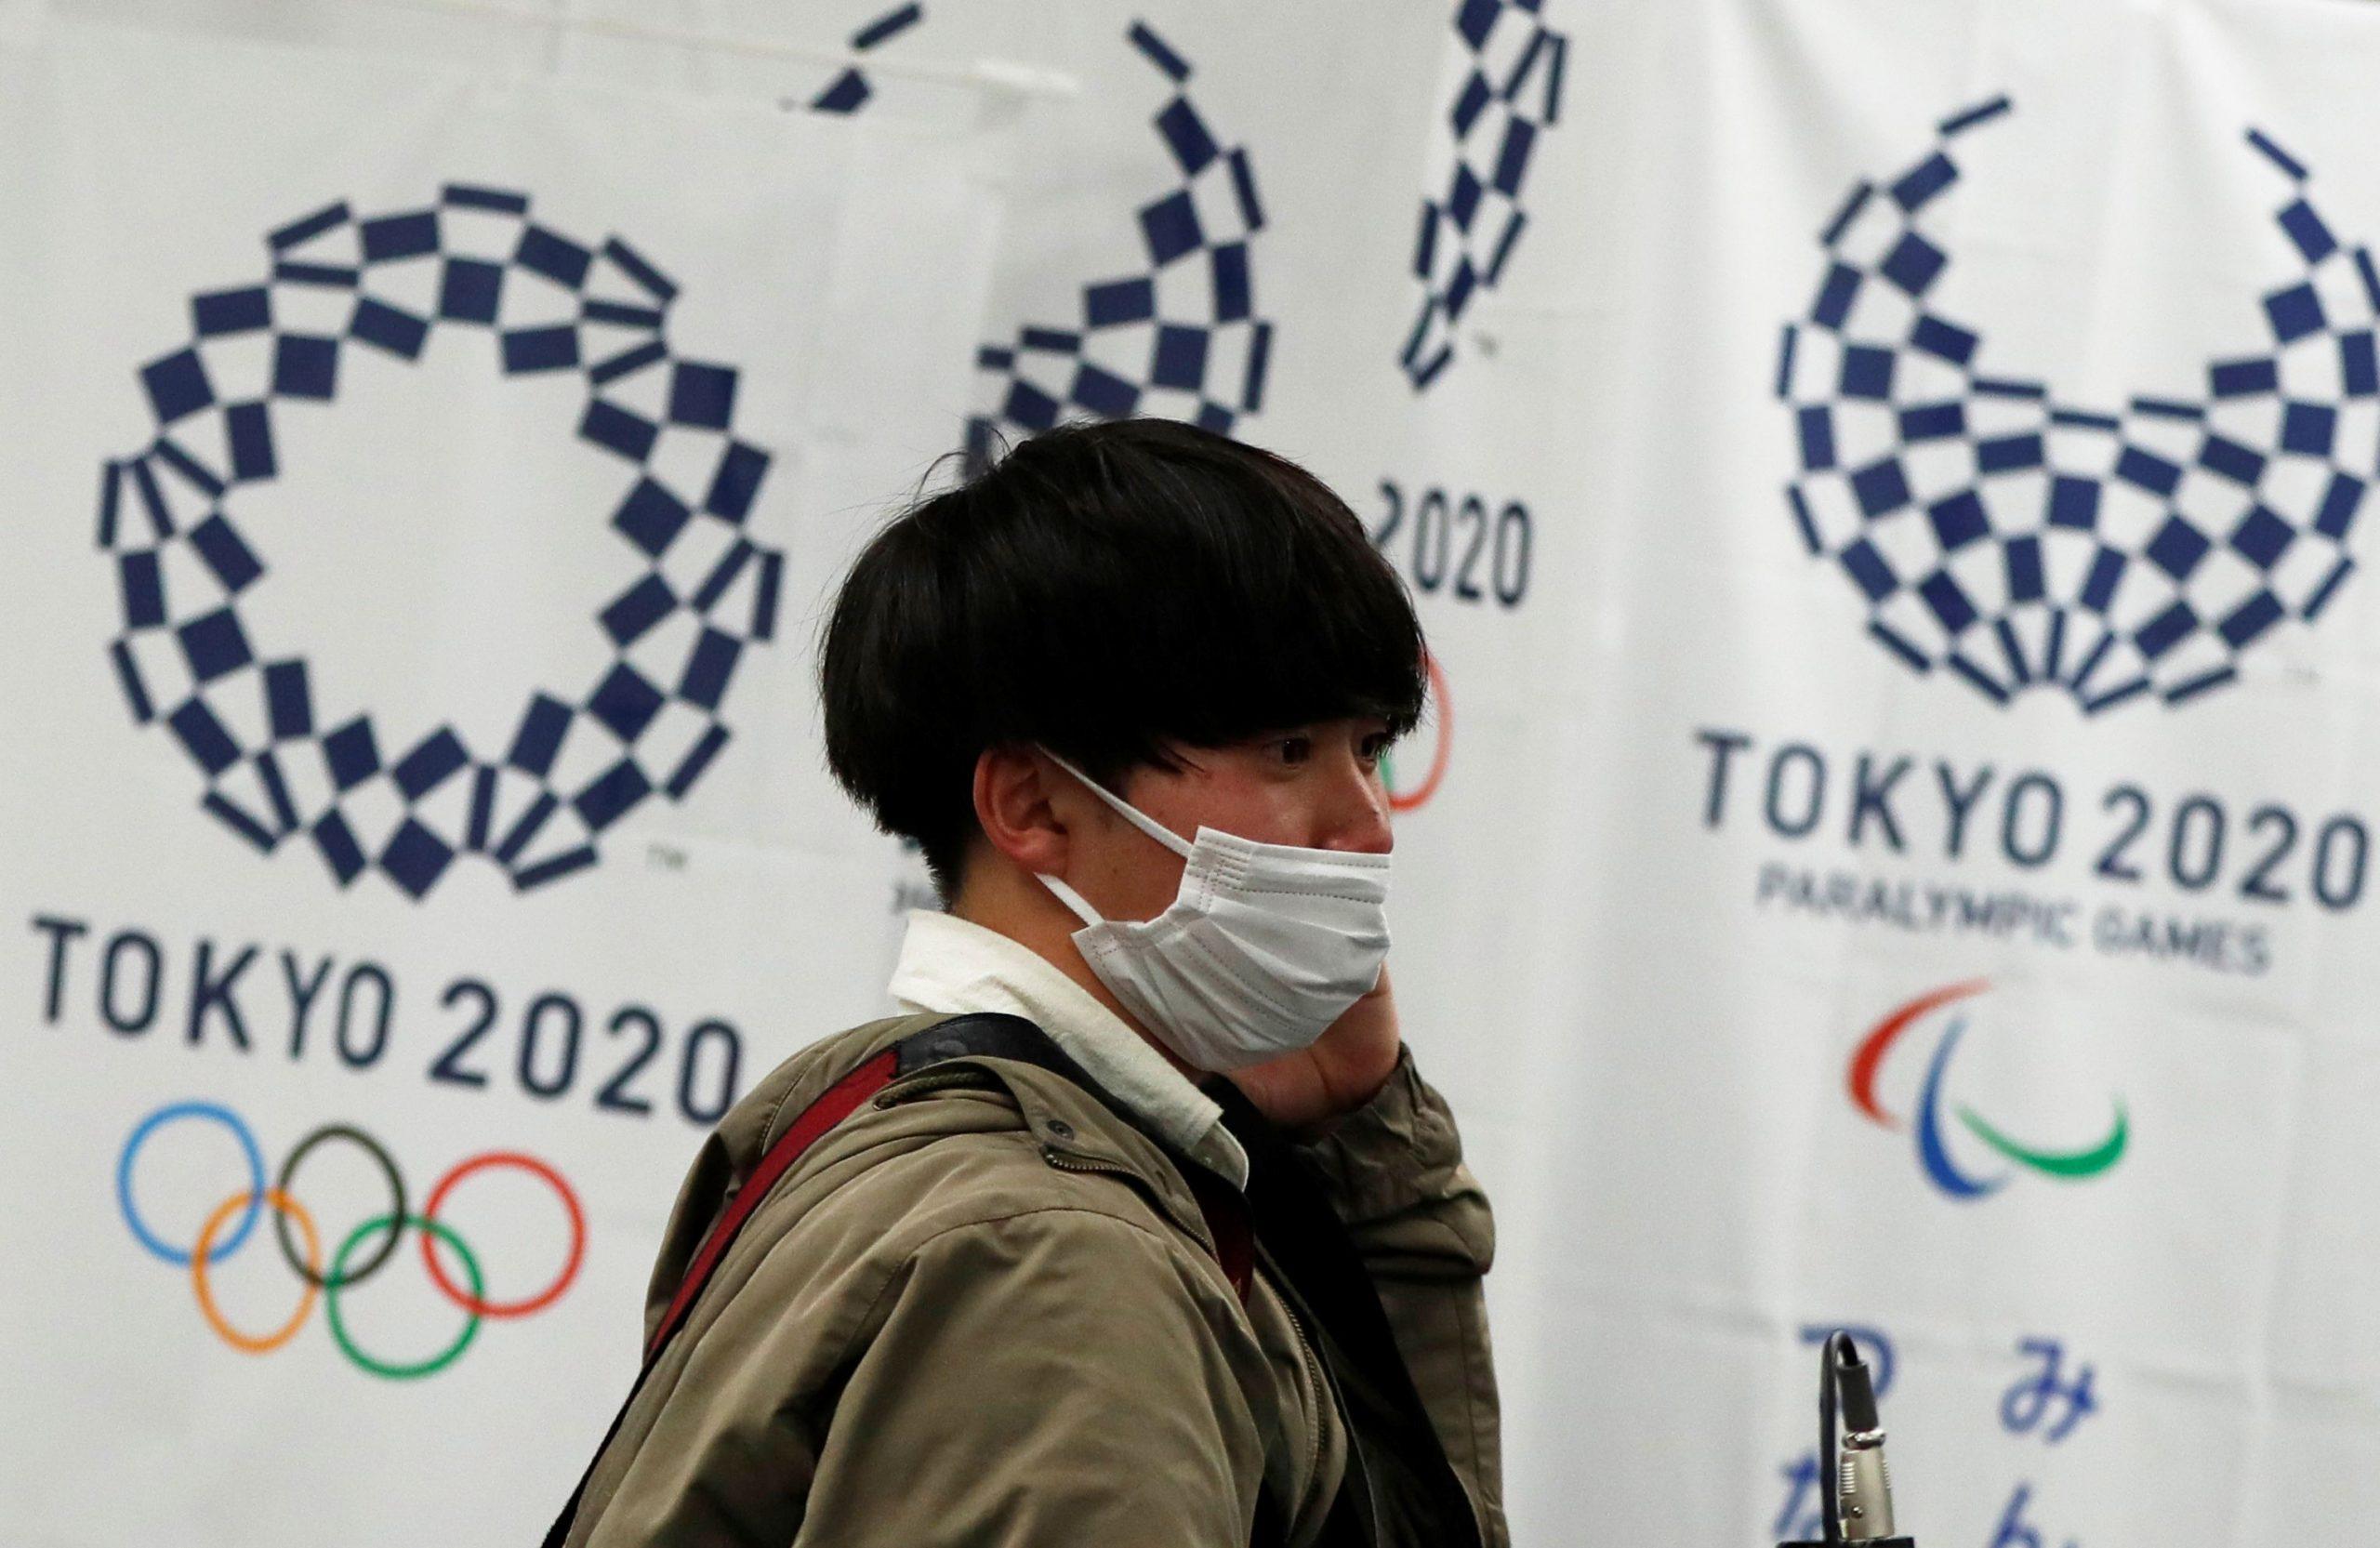 foto: REUTERS/Issei Kato